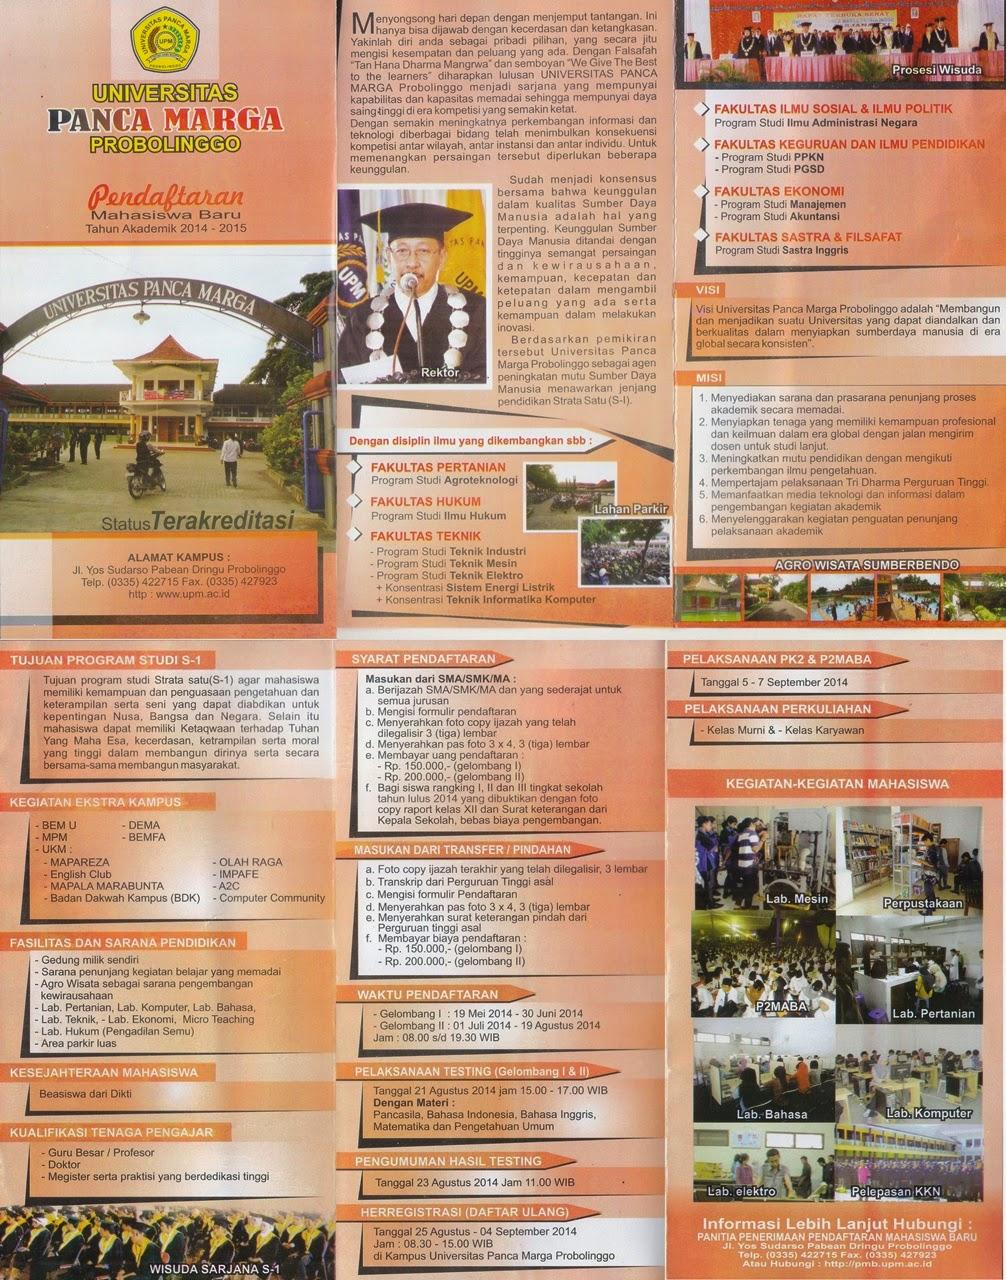 Komunitas Mahasiswa Ekonomi Universitas Panca Marga Probolinggo 21 2014 Agrowisata